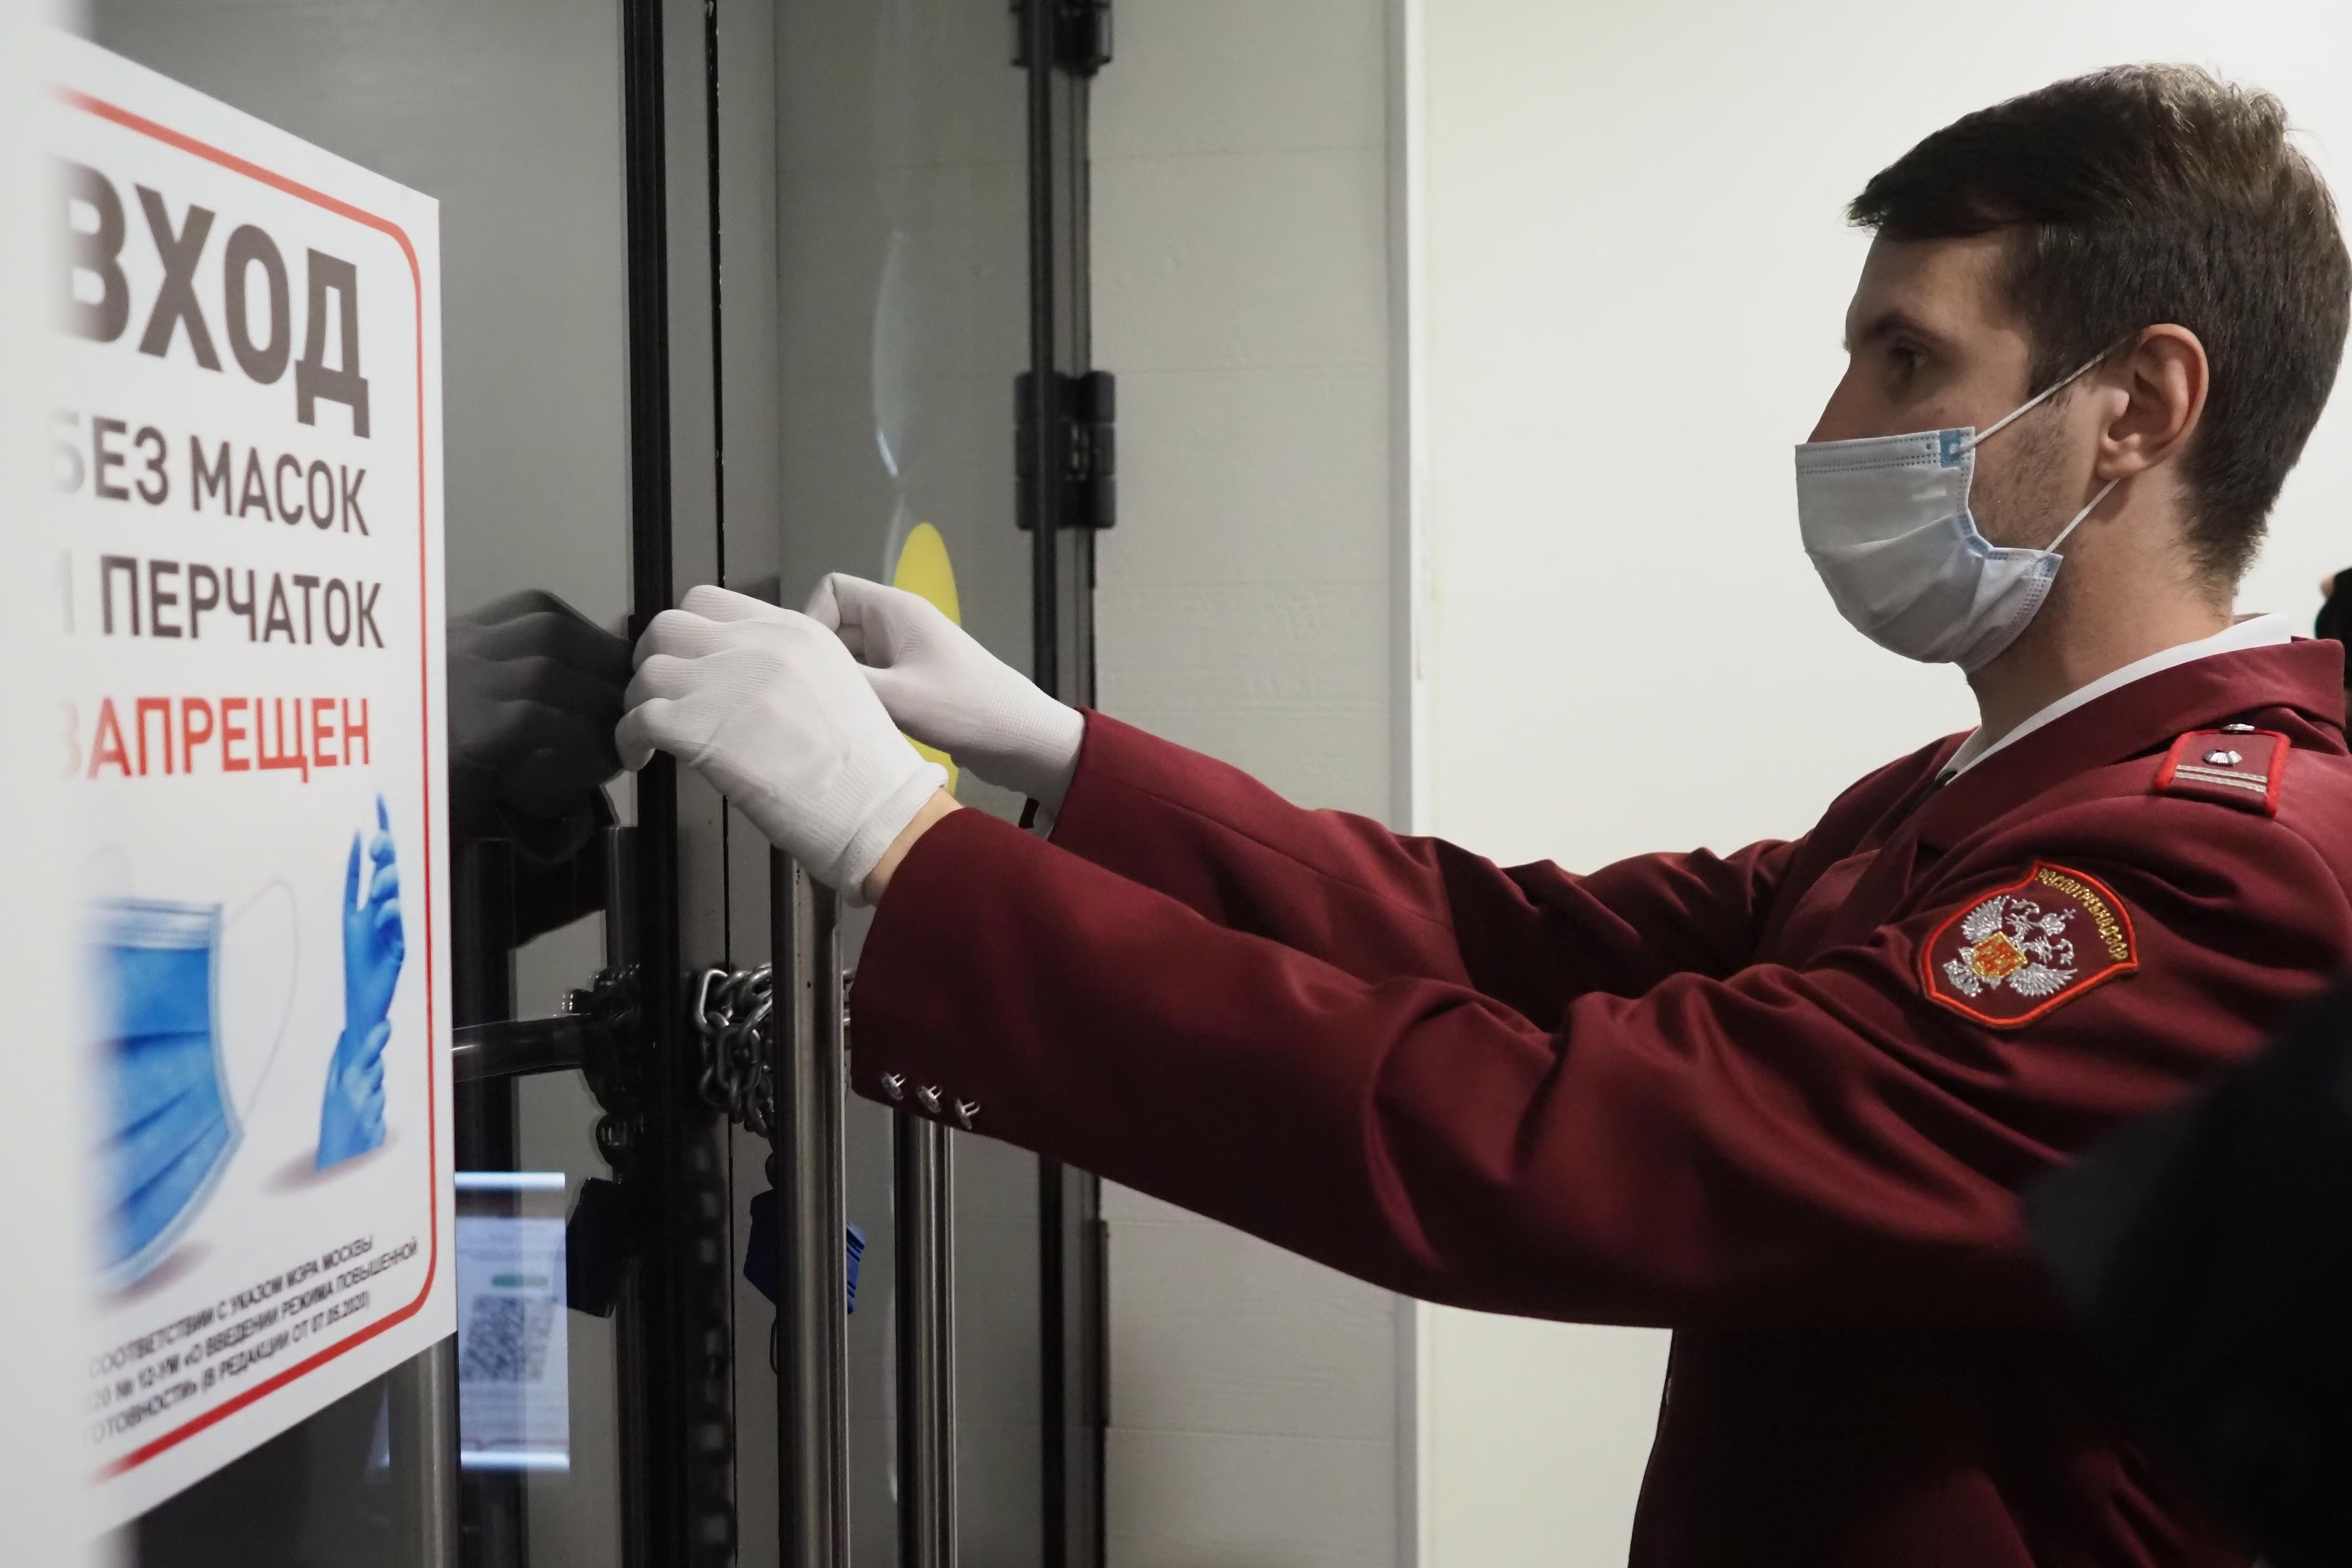 Хостелу в ЦАО грозит крупный штраф или закрытие за нарушения антиковидных мер